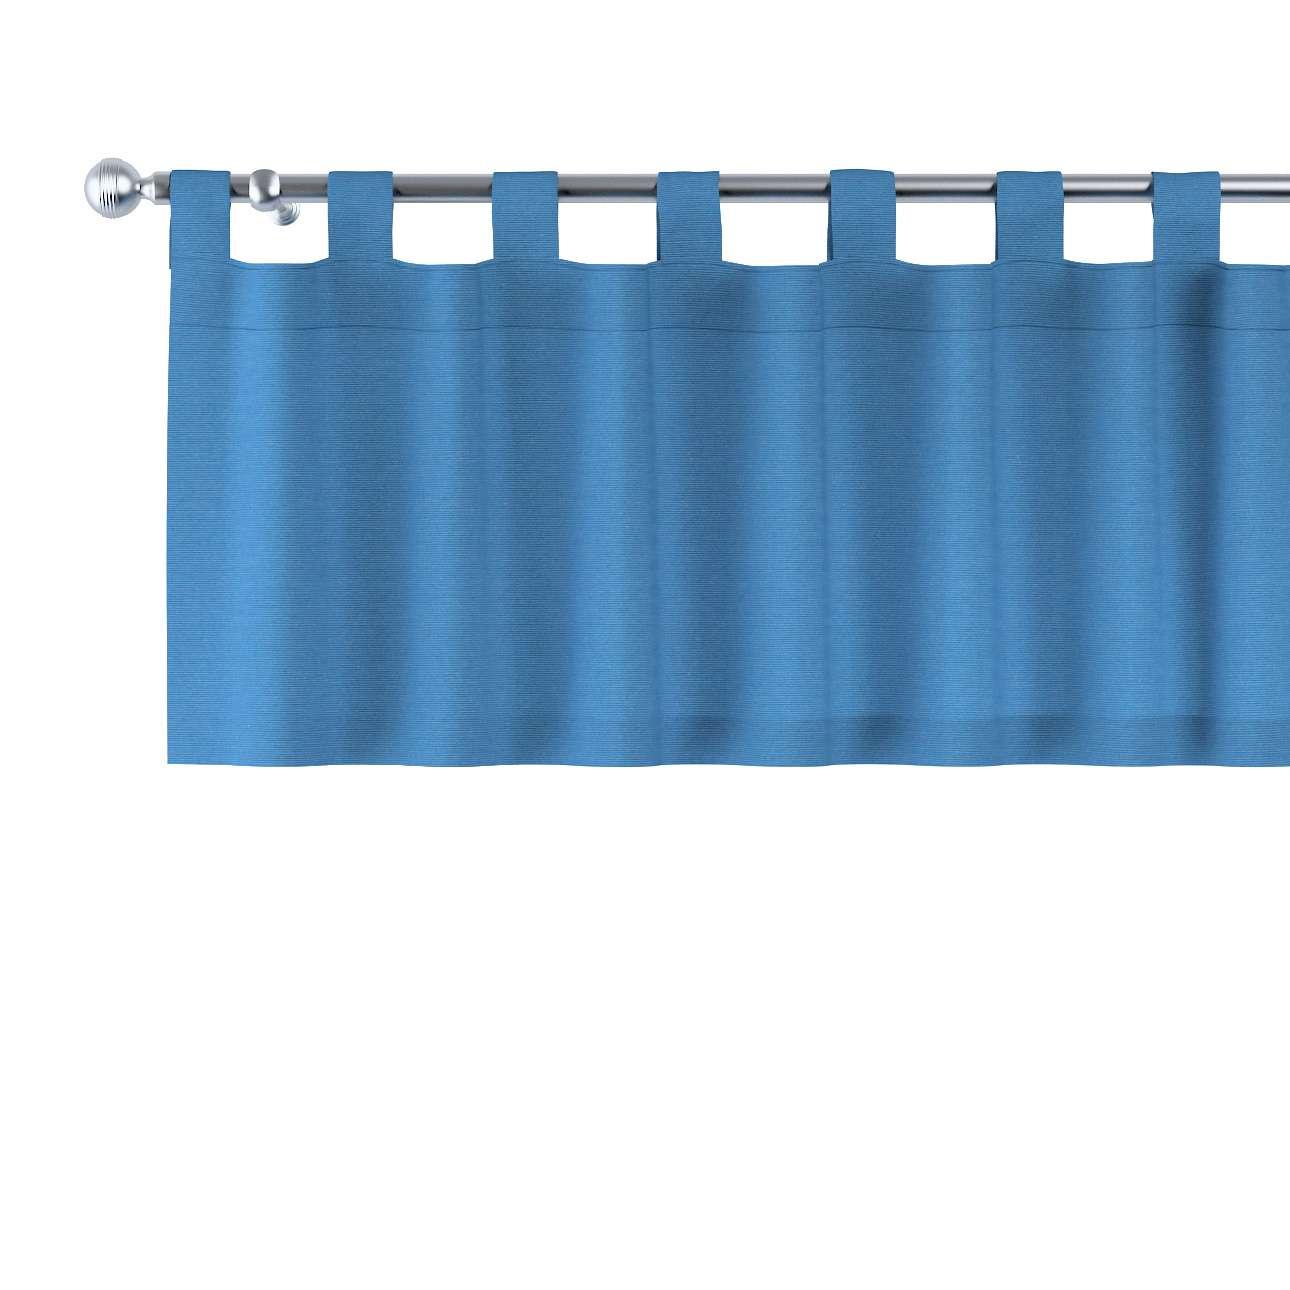 Gardinkappe med stropper 130x40cm fra kollektionen Jupiter, Stof: 127-61